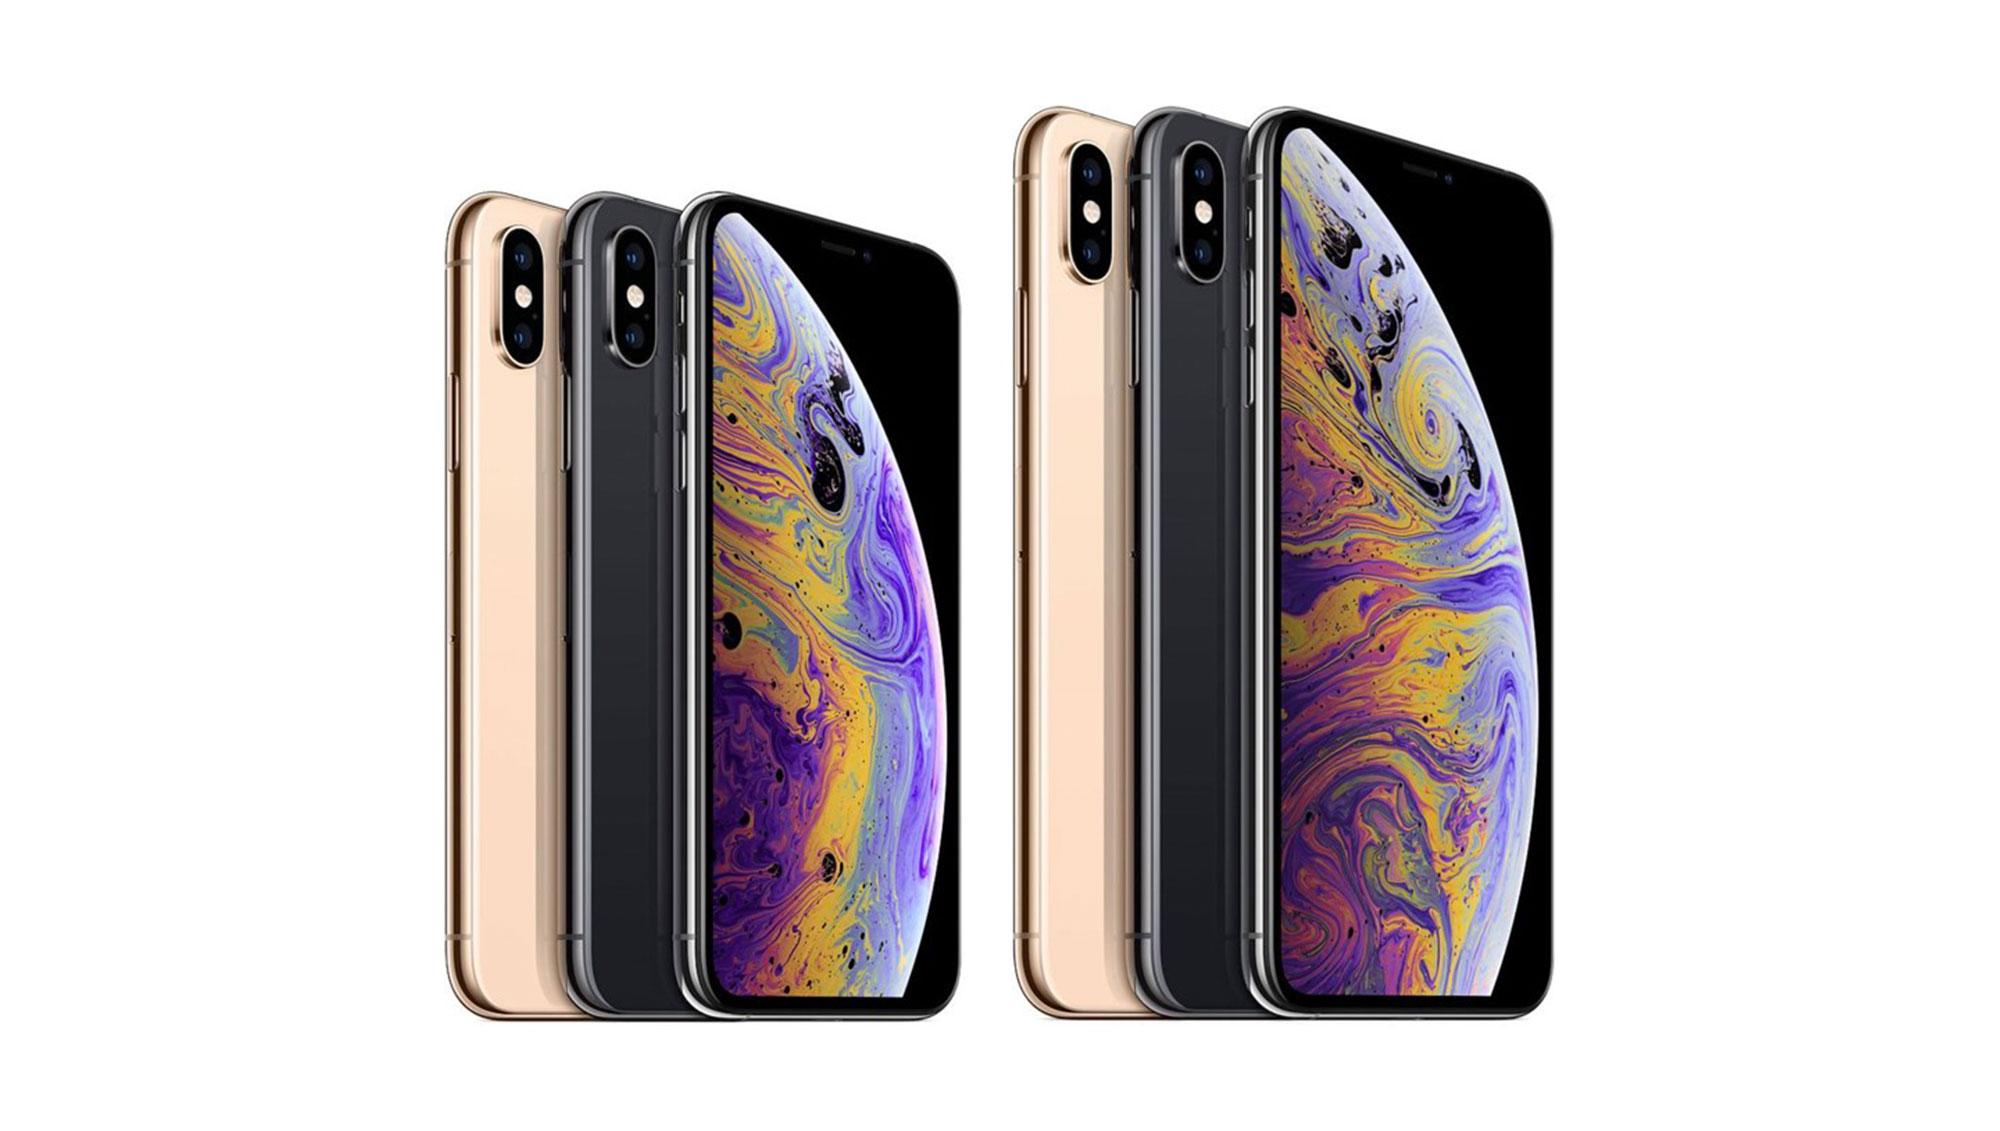 2020 年 iPhone 或将全线转向 OLED 屏幕,彻底结束液晶屏幕时代